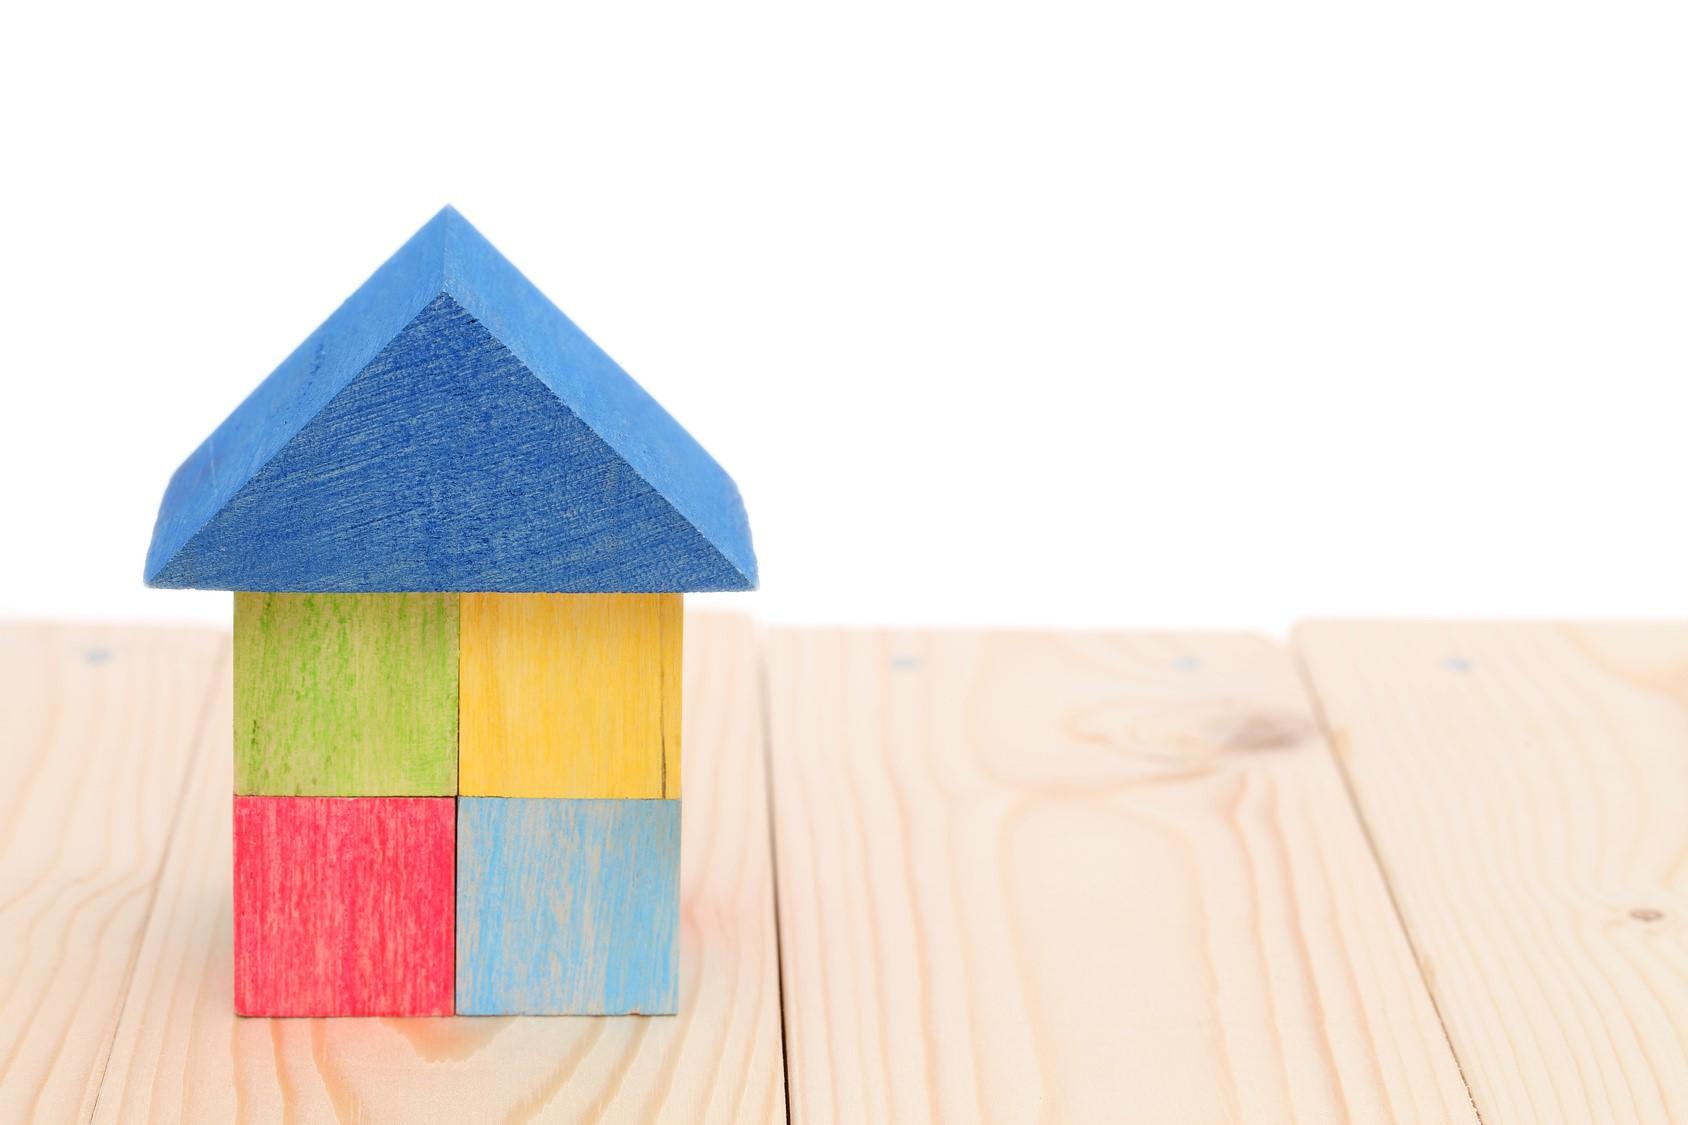 外壁塗装をするなら!知っておきたい色選び6つのポイント